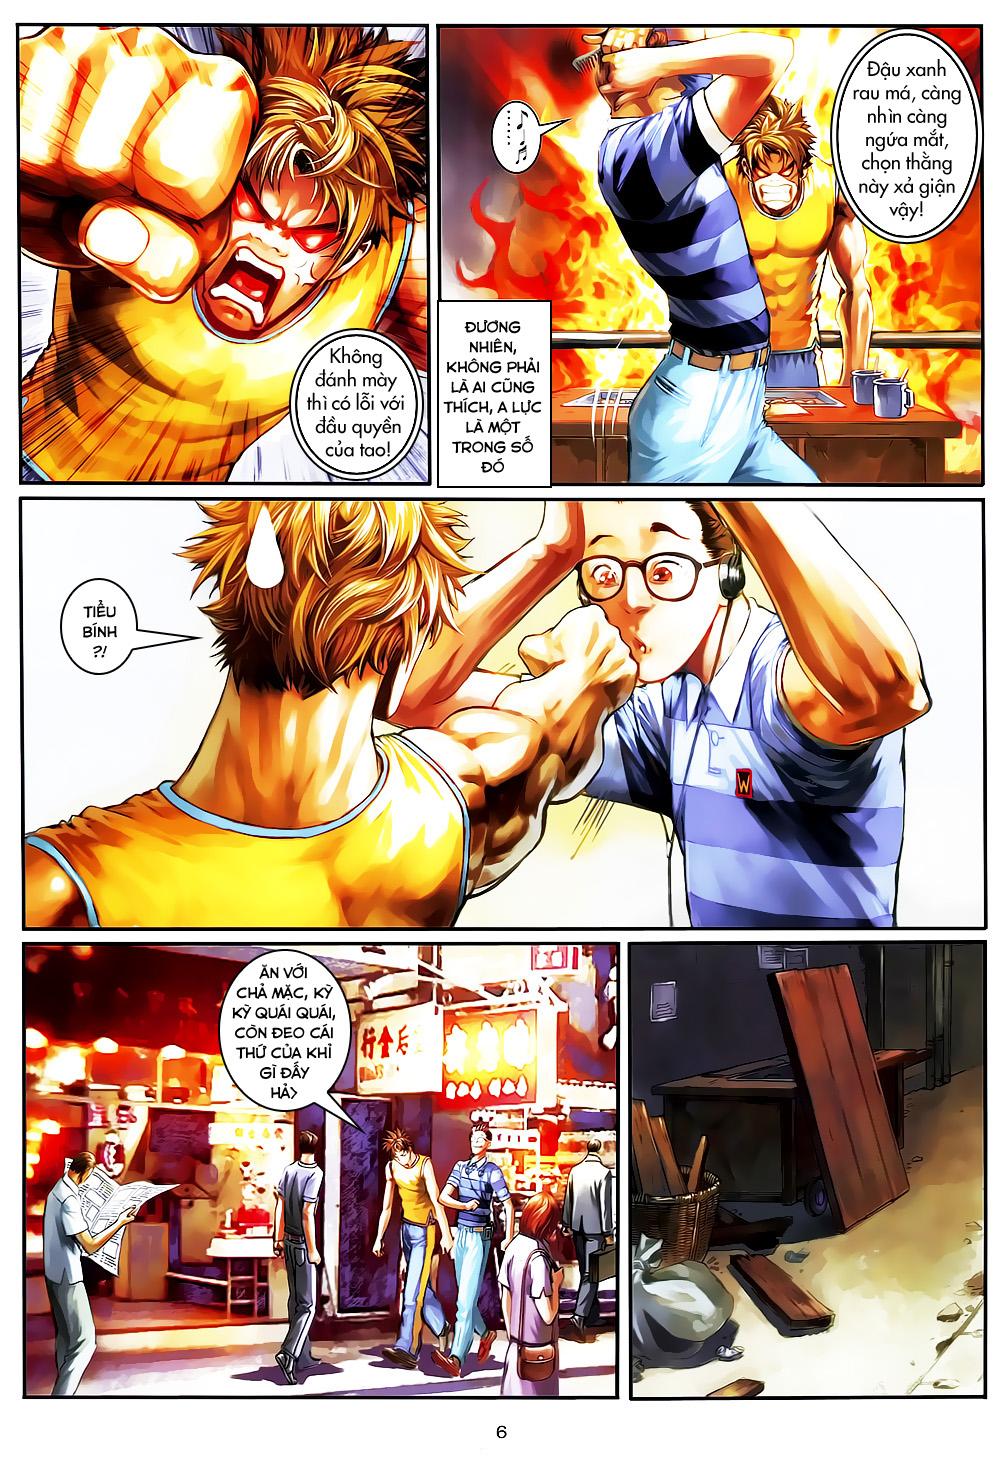 Quyền Đạo chapter 4 trang 6